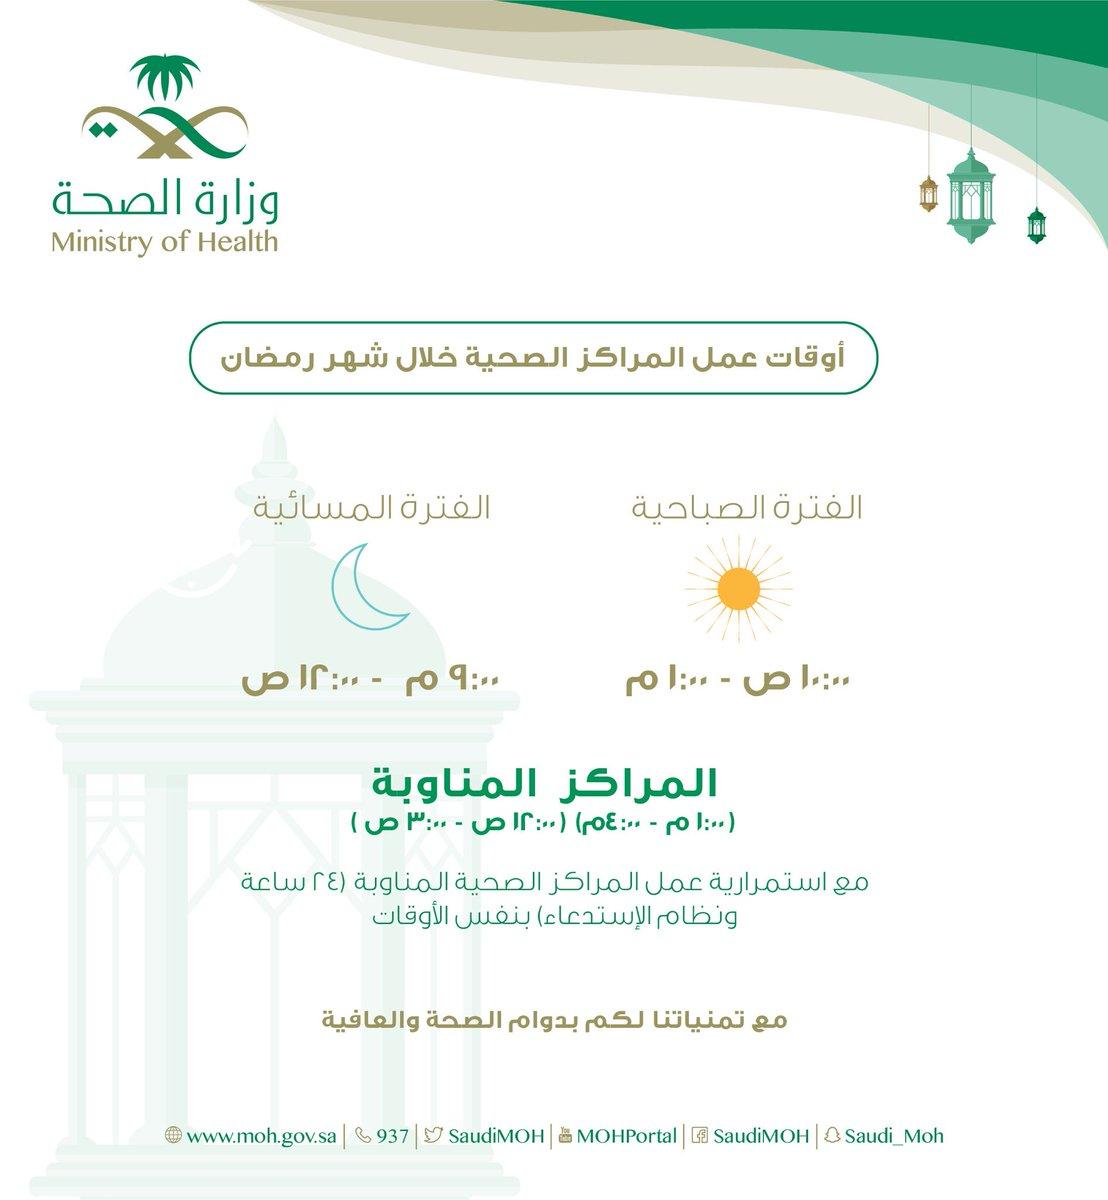 و ز ا ر ة ا لـ صـ حـ ة السعودية Pa Twitter أوقات عمل المراكز الصحية في رمضان